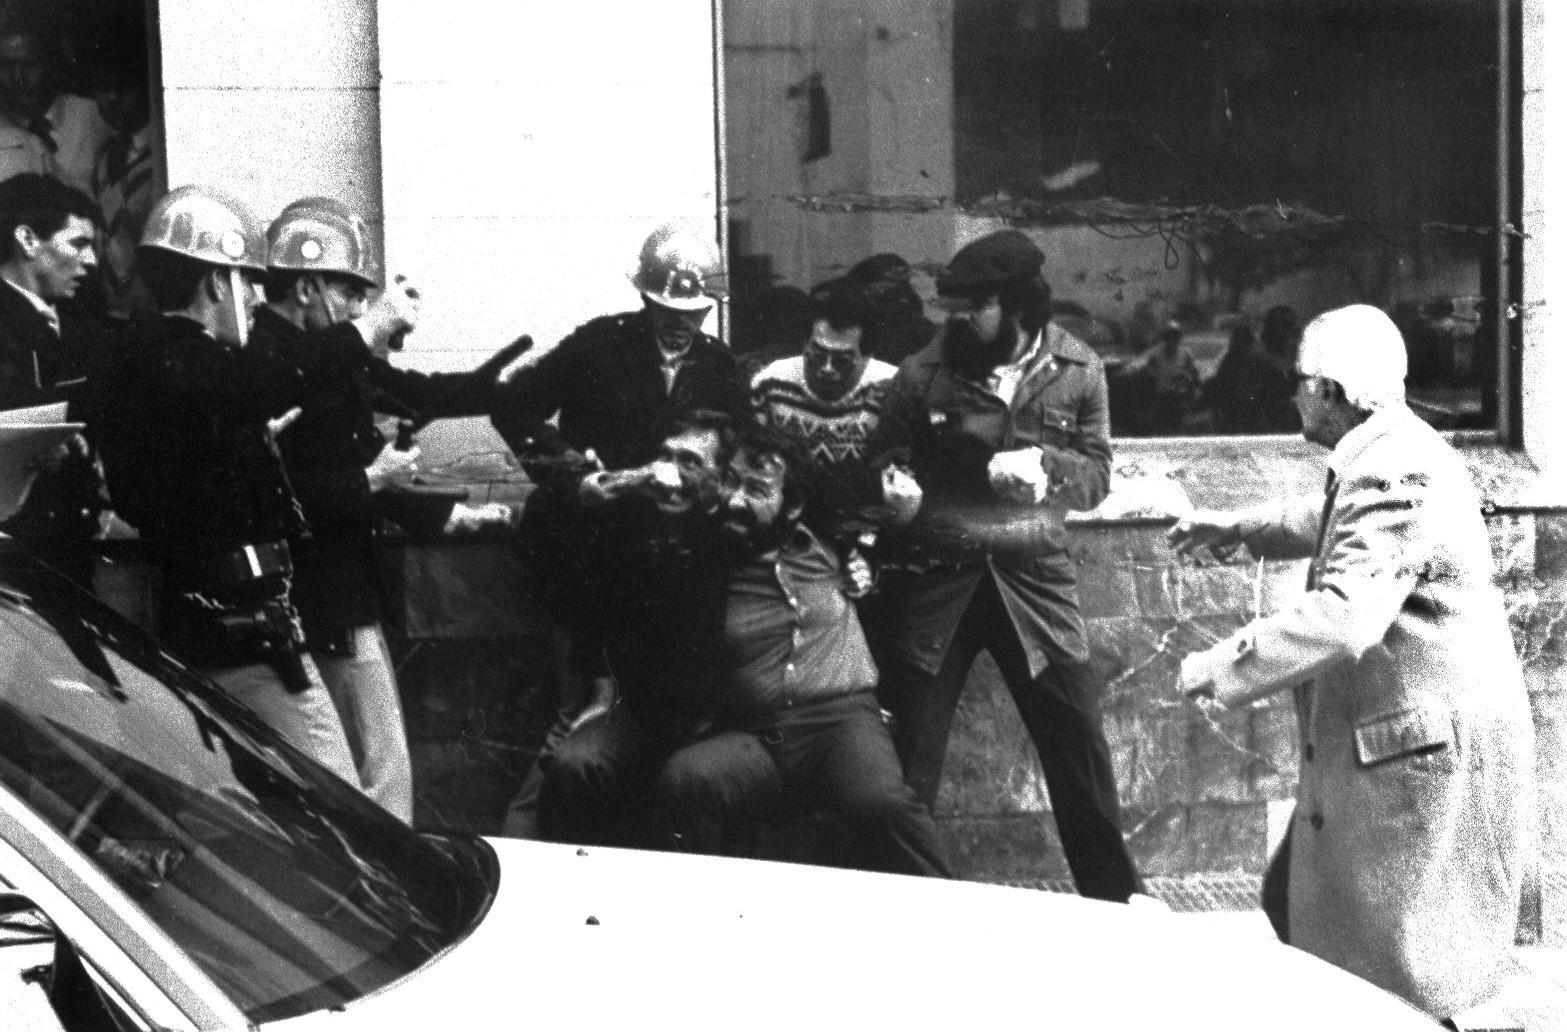 Tortura y miedo en la población durante la dictadura de Alfredo Stroessner, Paraguay, ABC archivo, 2012.